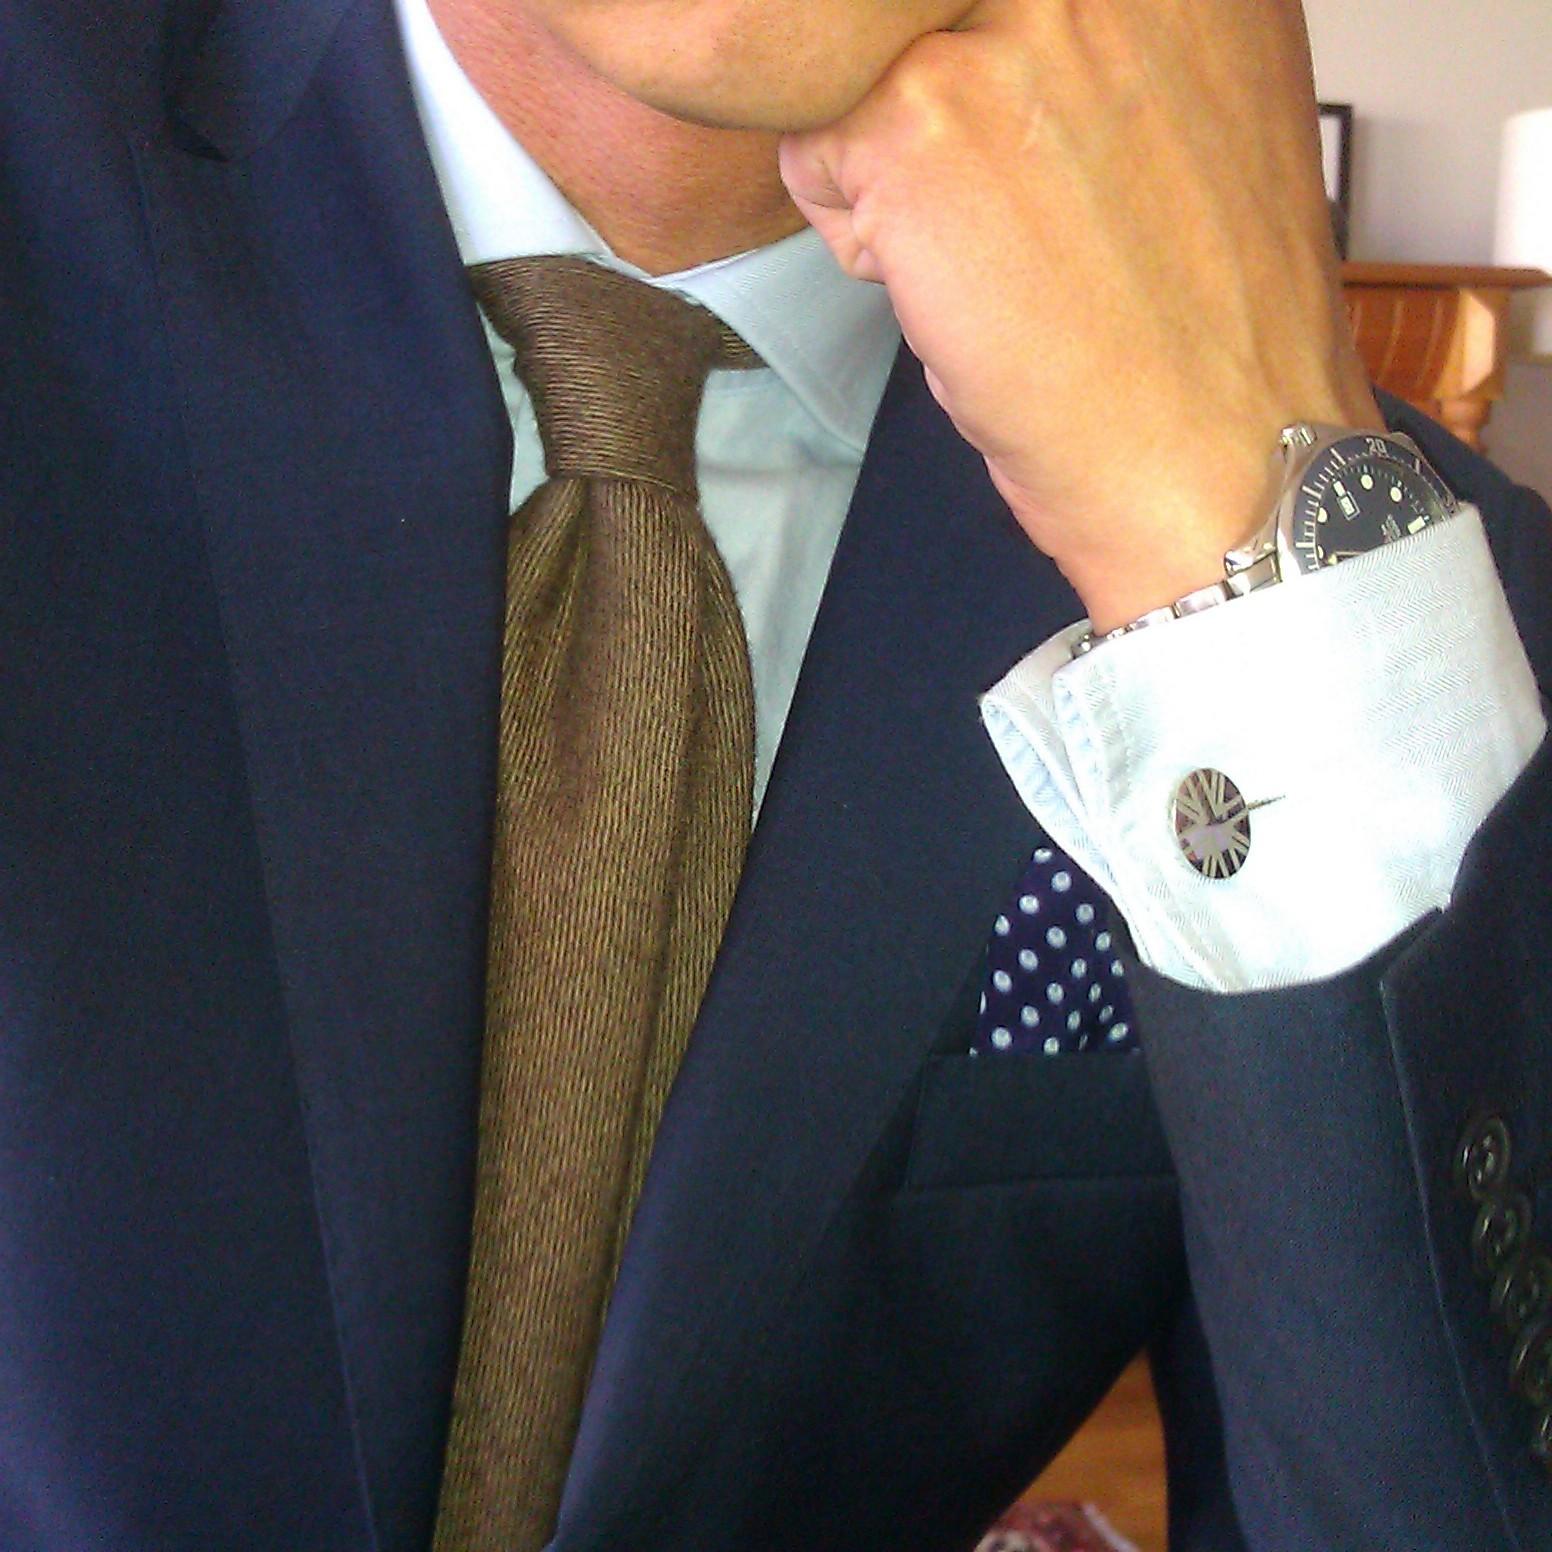 Att gå klädd i kostym regelbundet 4be1dc7b9ee3e